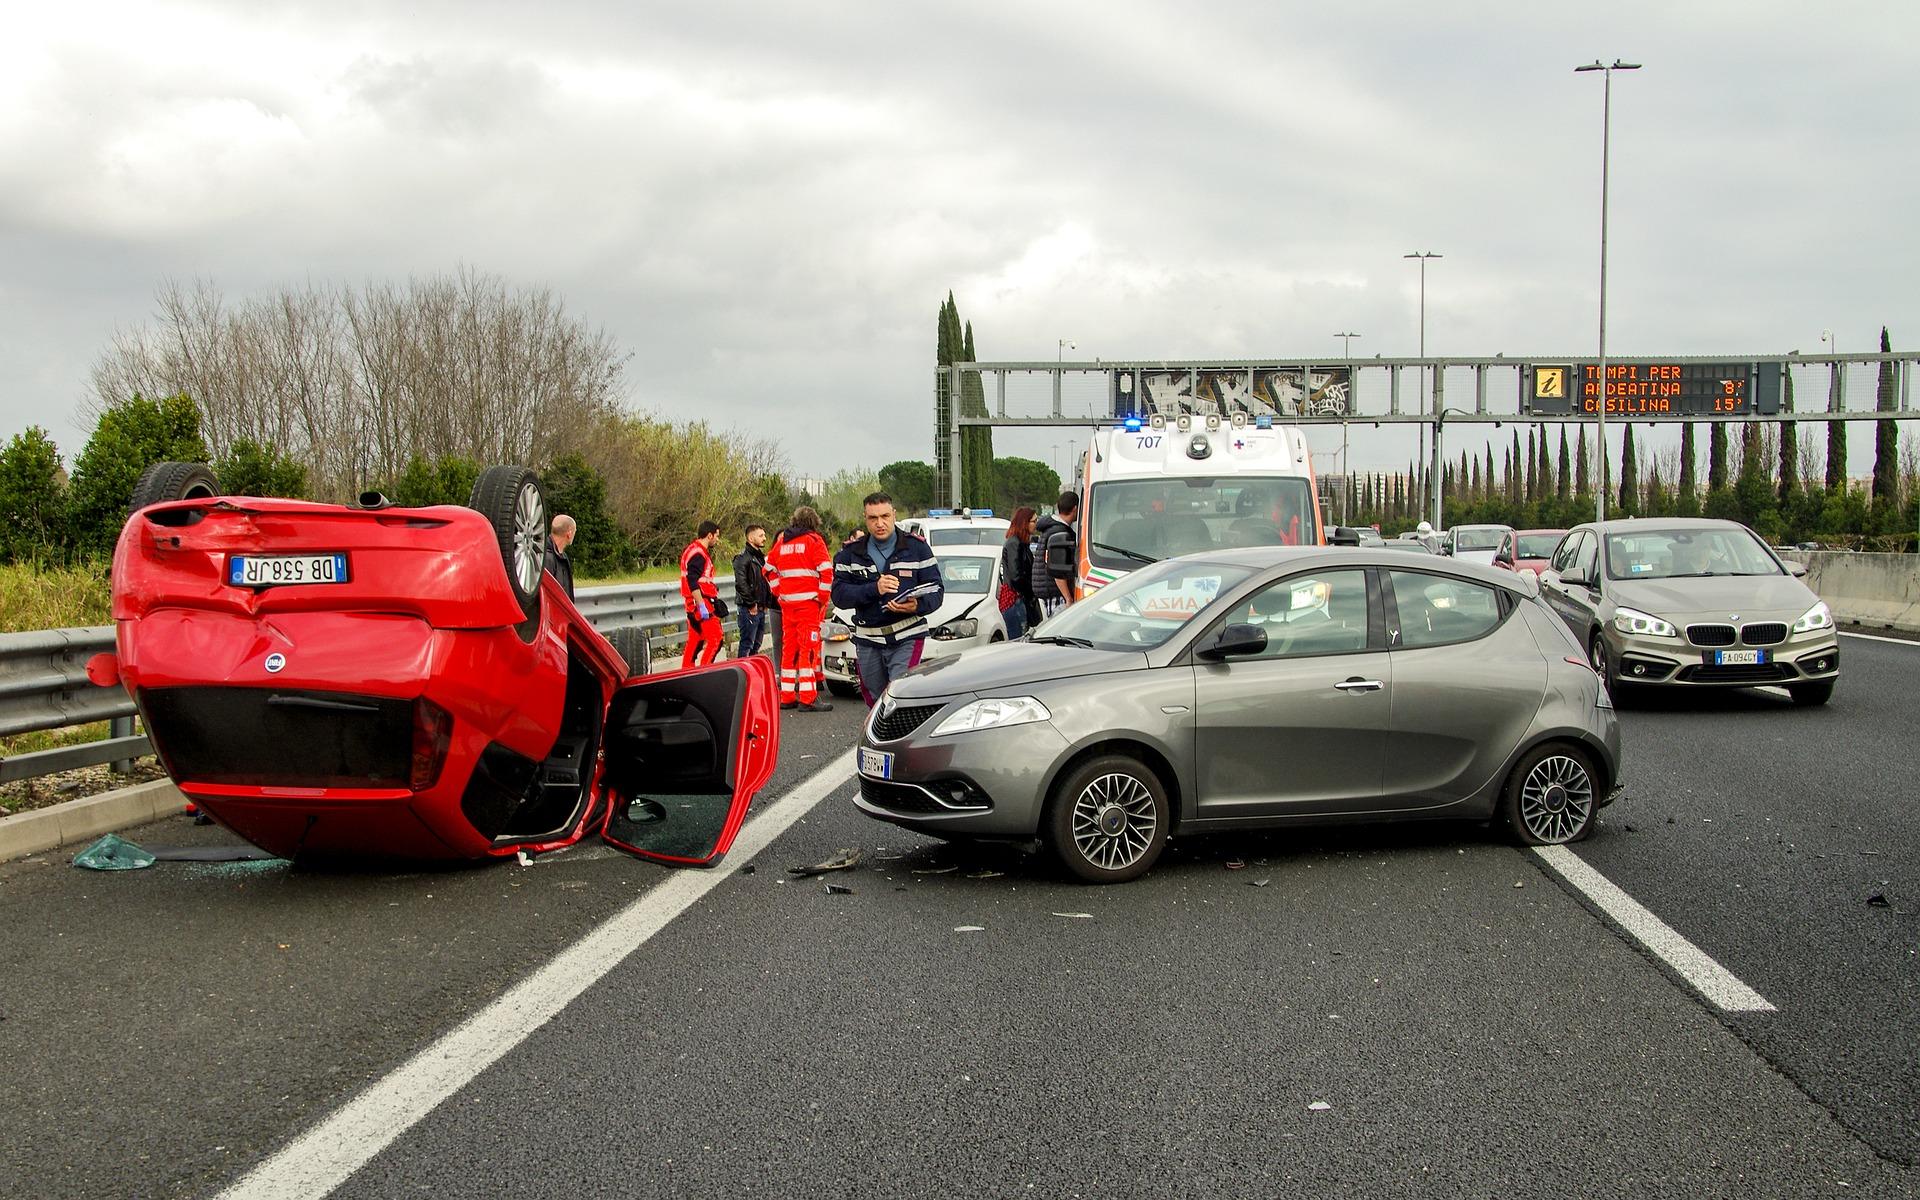 Cosa fare in caso di Incidente Stradale? Evitare Responsabilità Penali